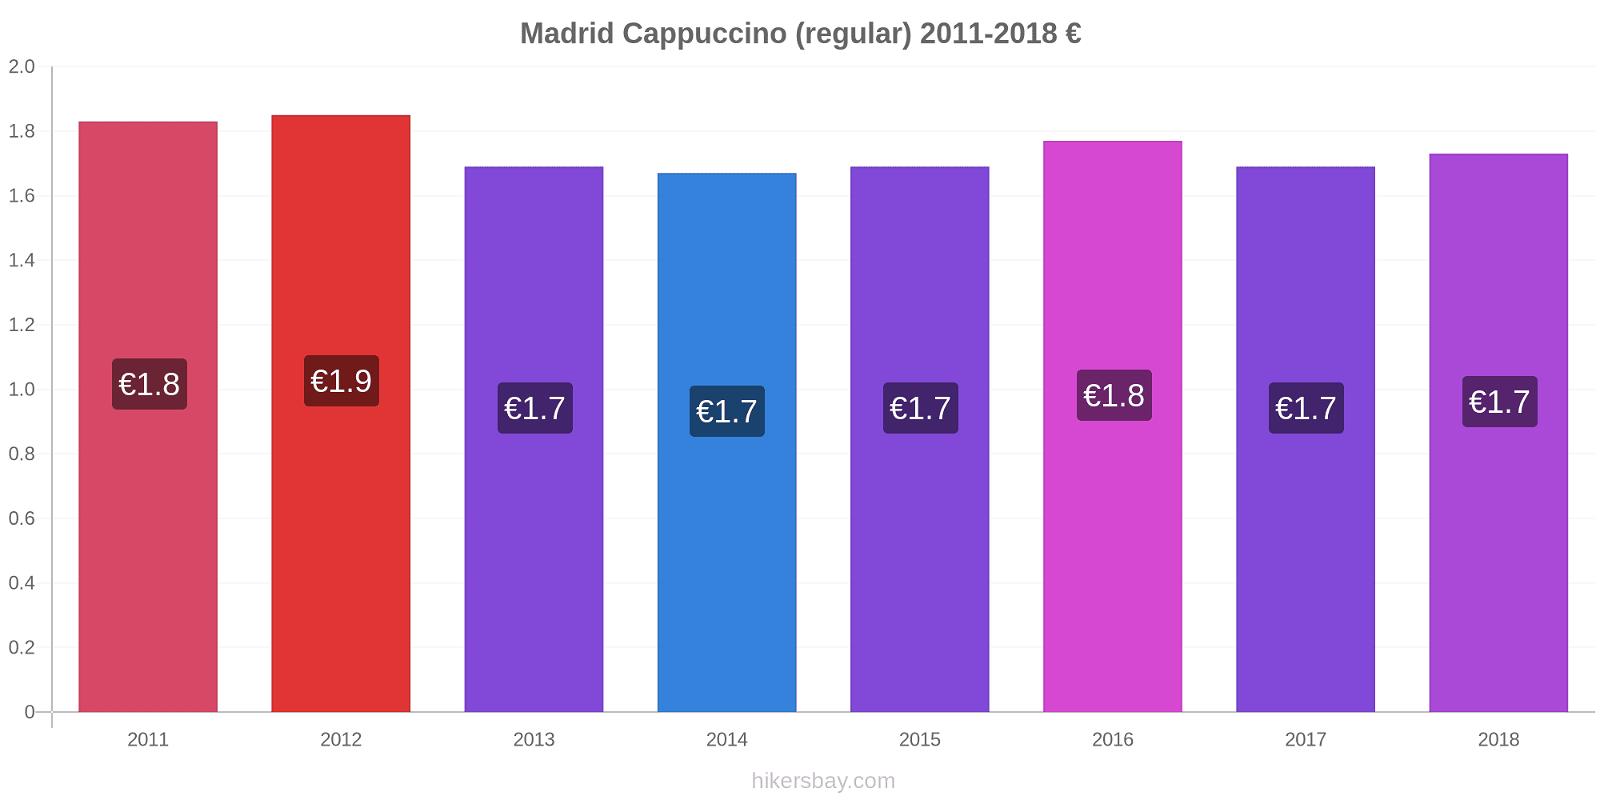 Madrid price changes Cappuccino (regular) hikersbay.com